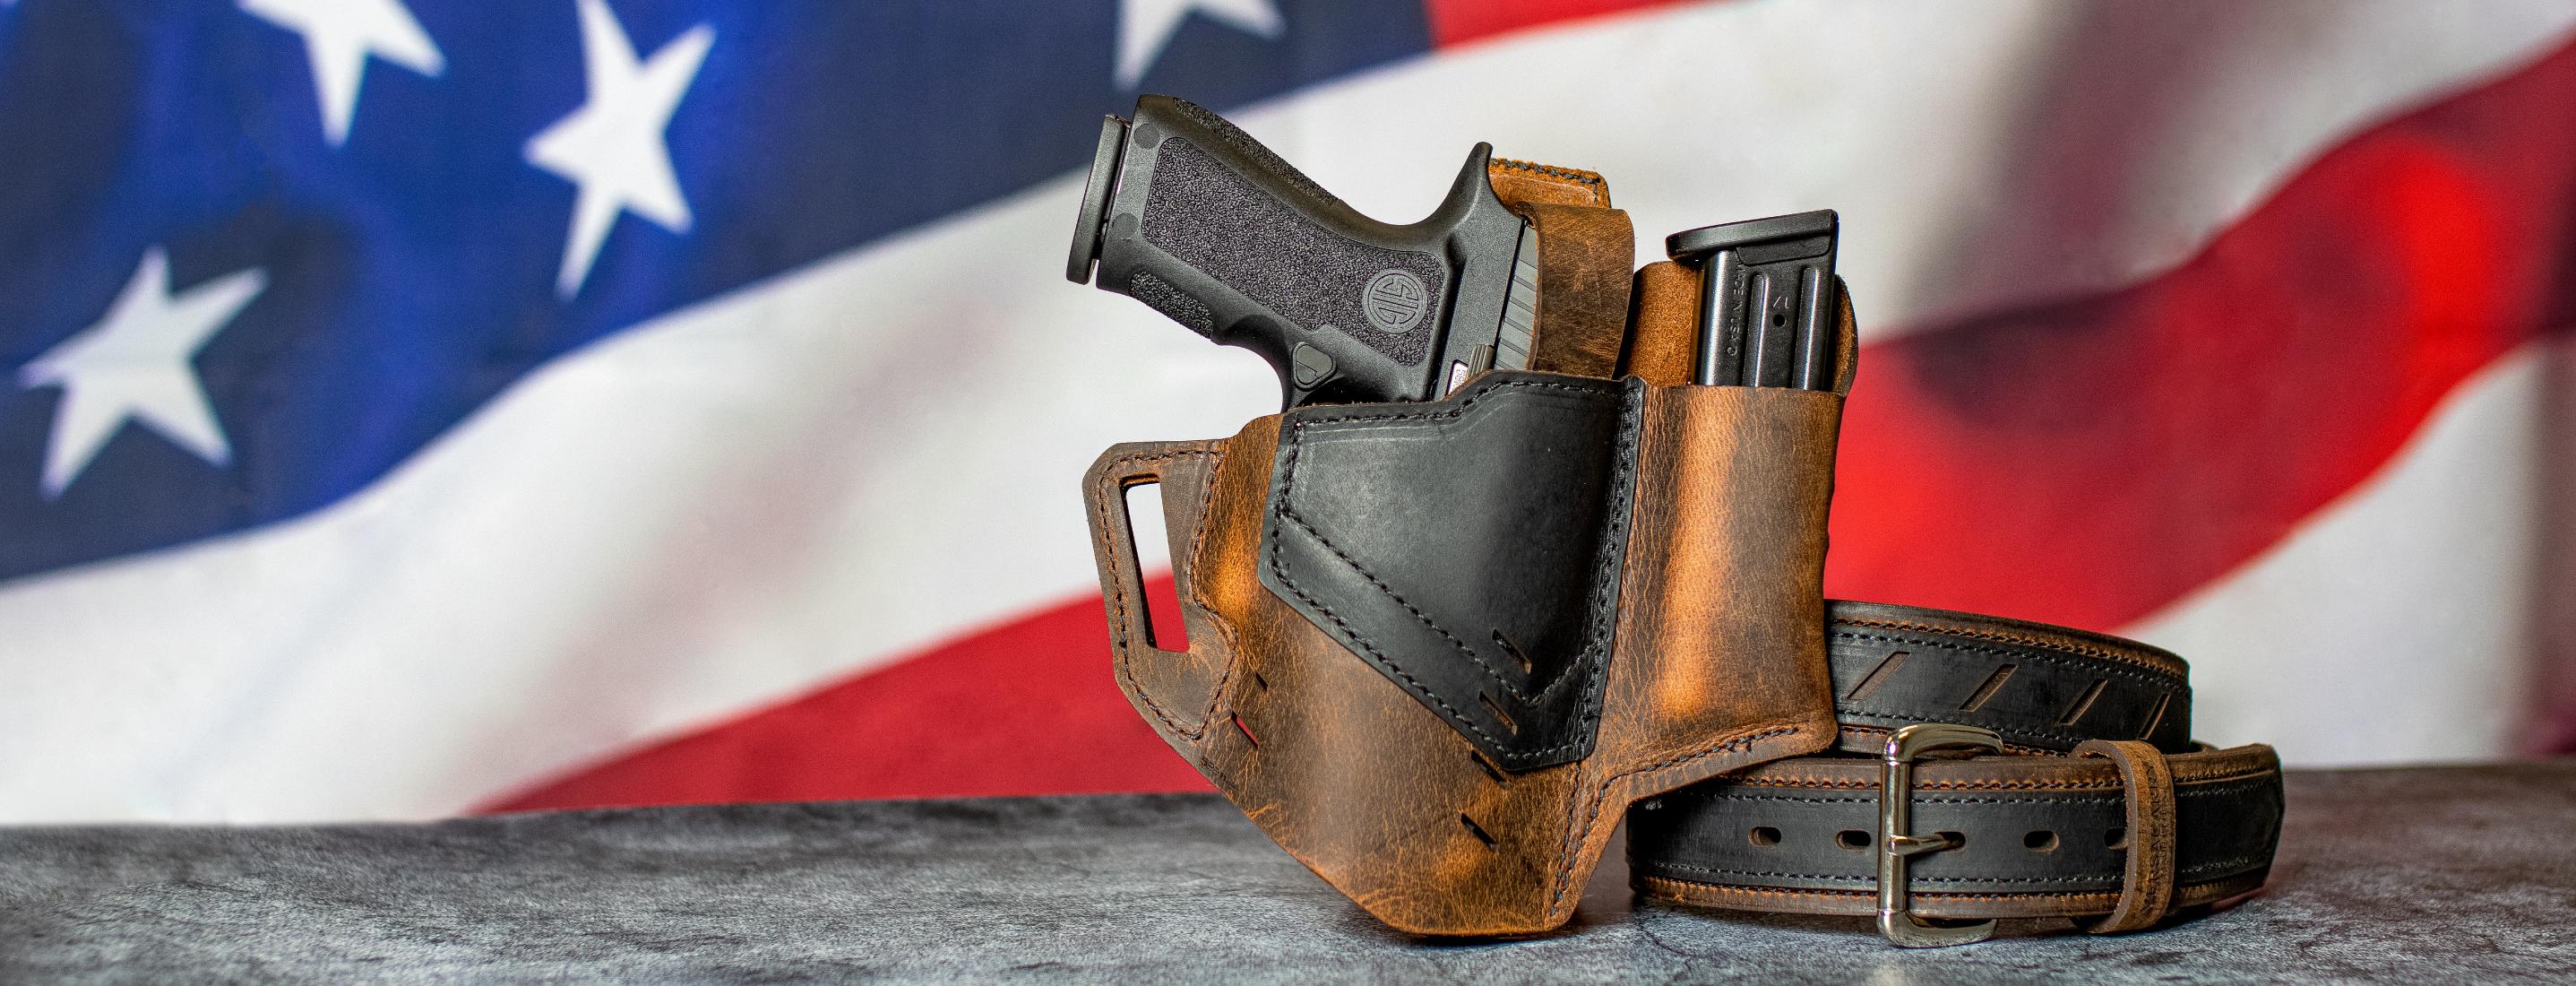 UNIVERSAL IWB GUN HOLSTER BUNDLEInside The Waistband Concealed Carry Pistol